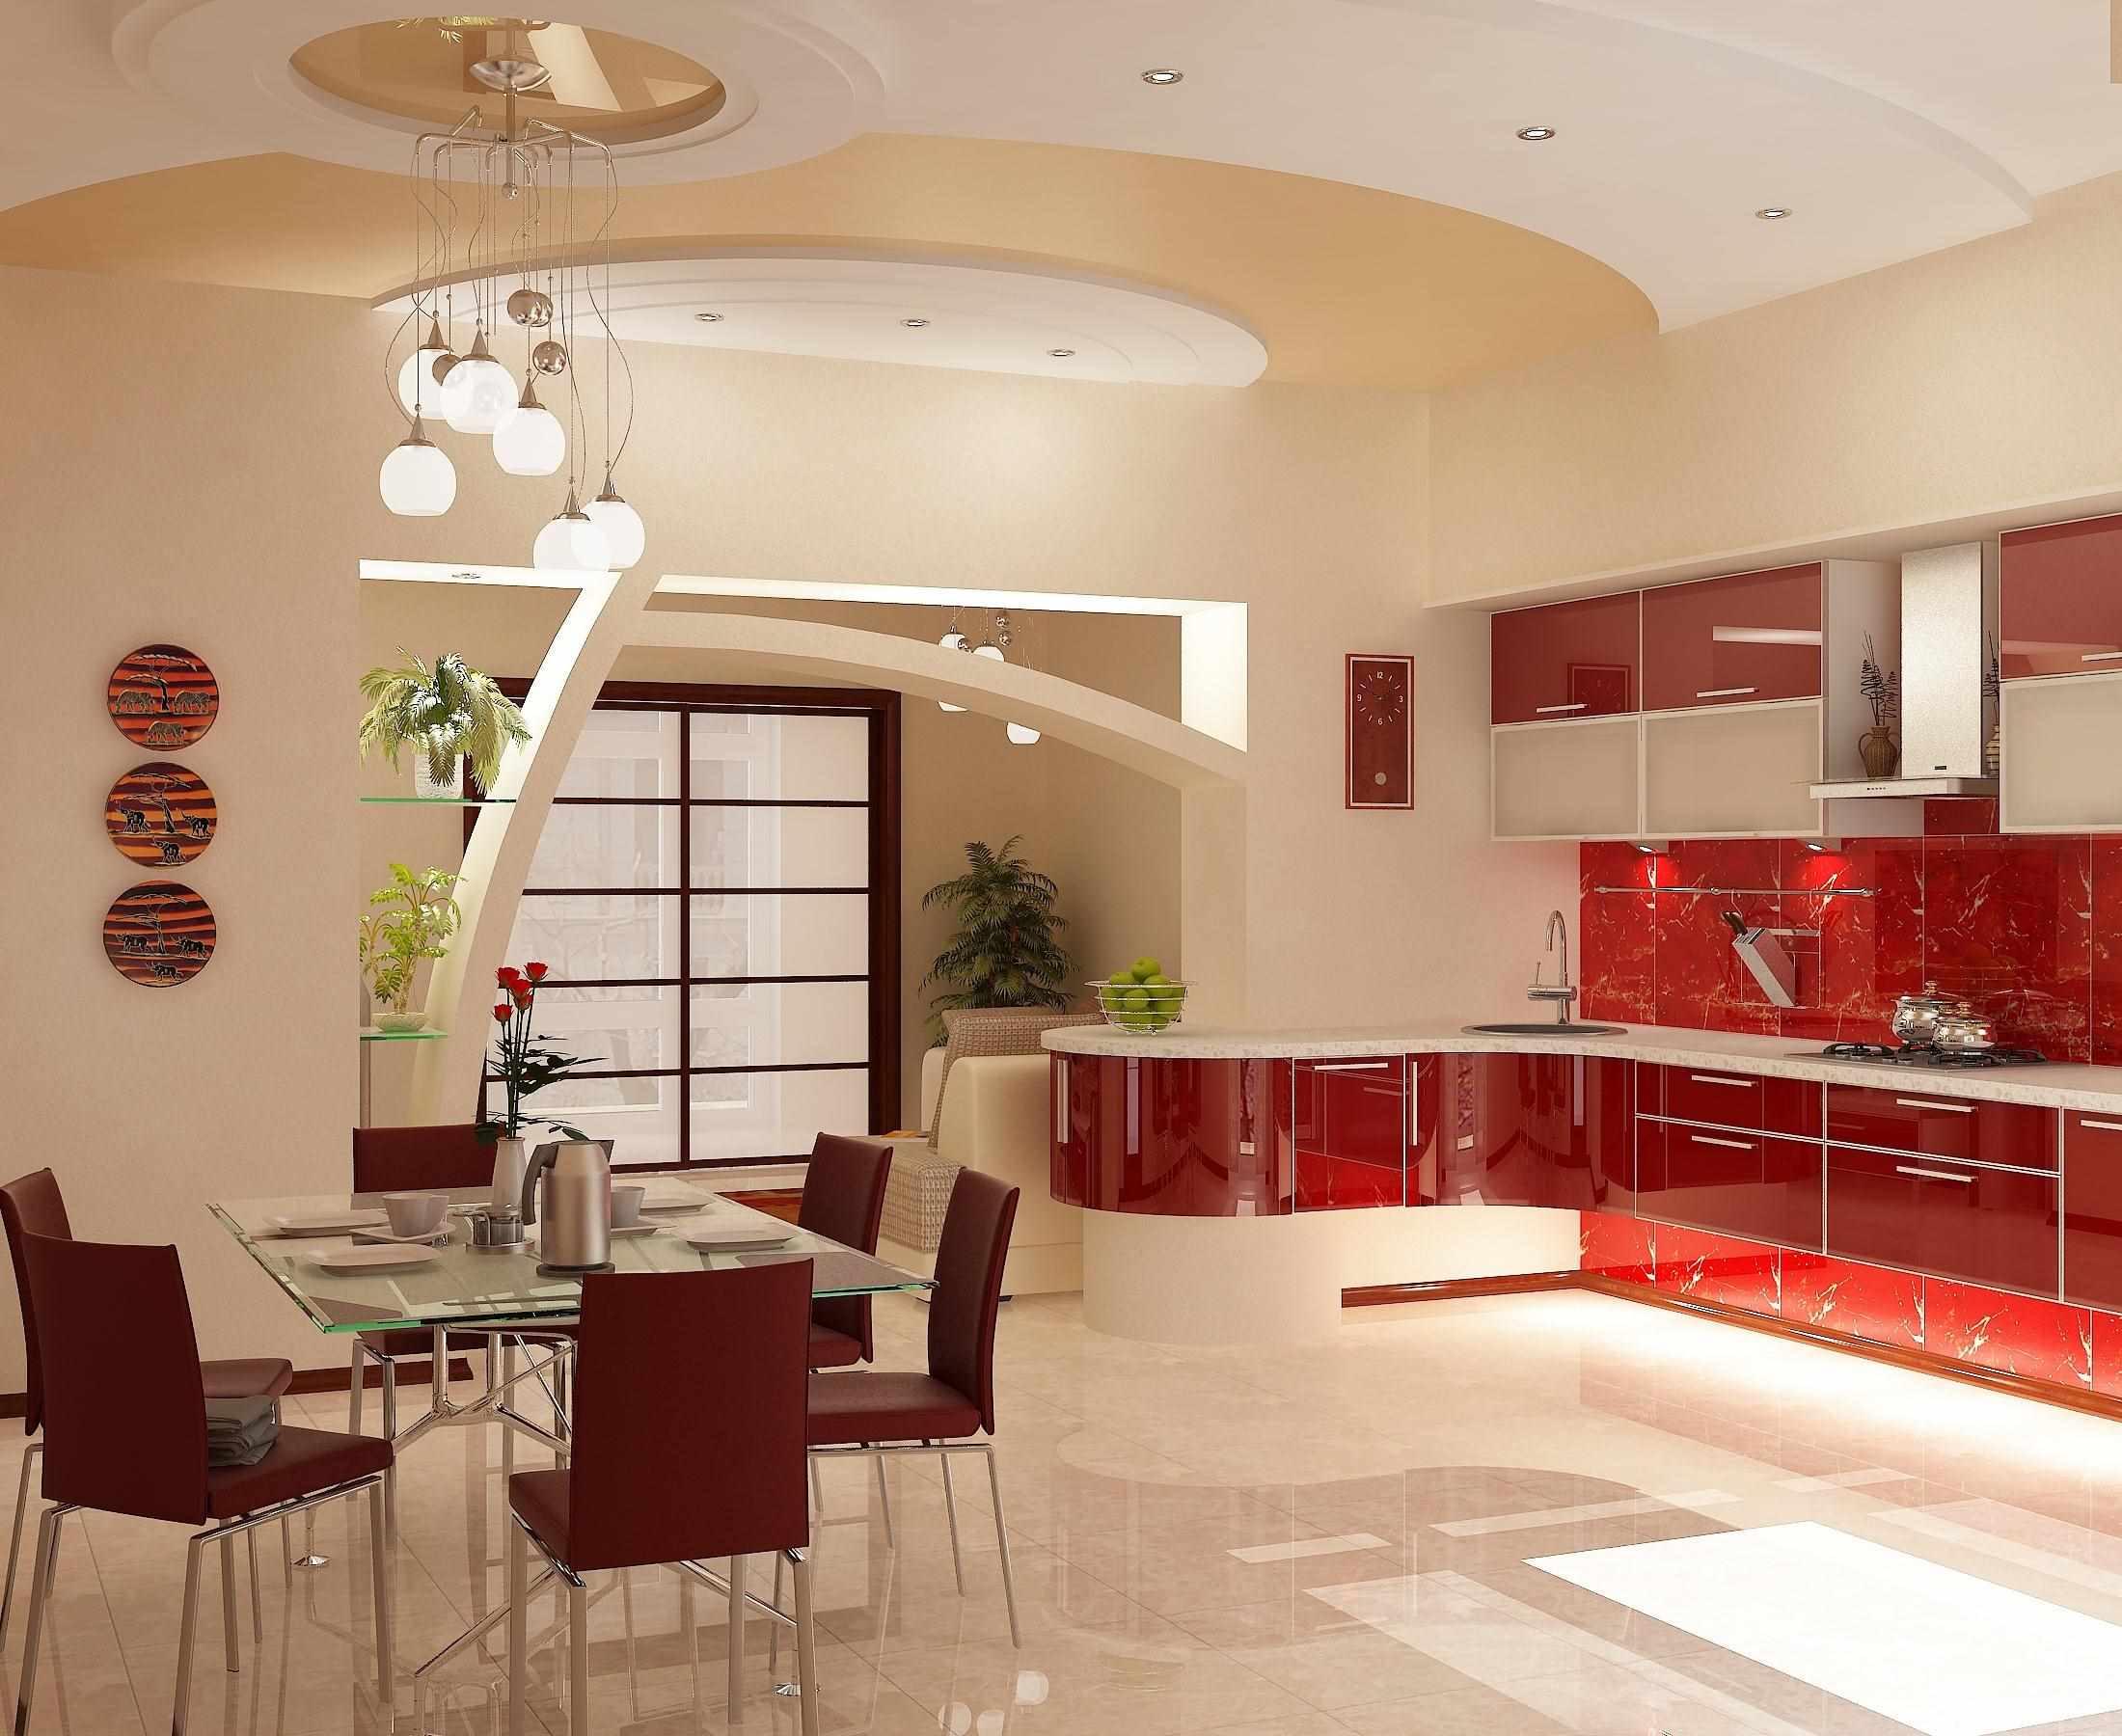 любителей уникальных дизайн кухни бело бордового цвета фото сведения